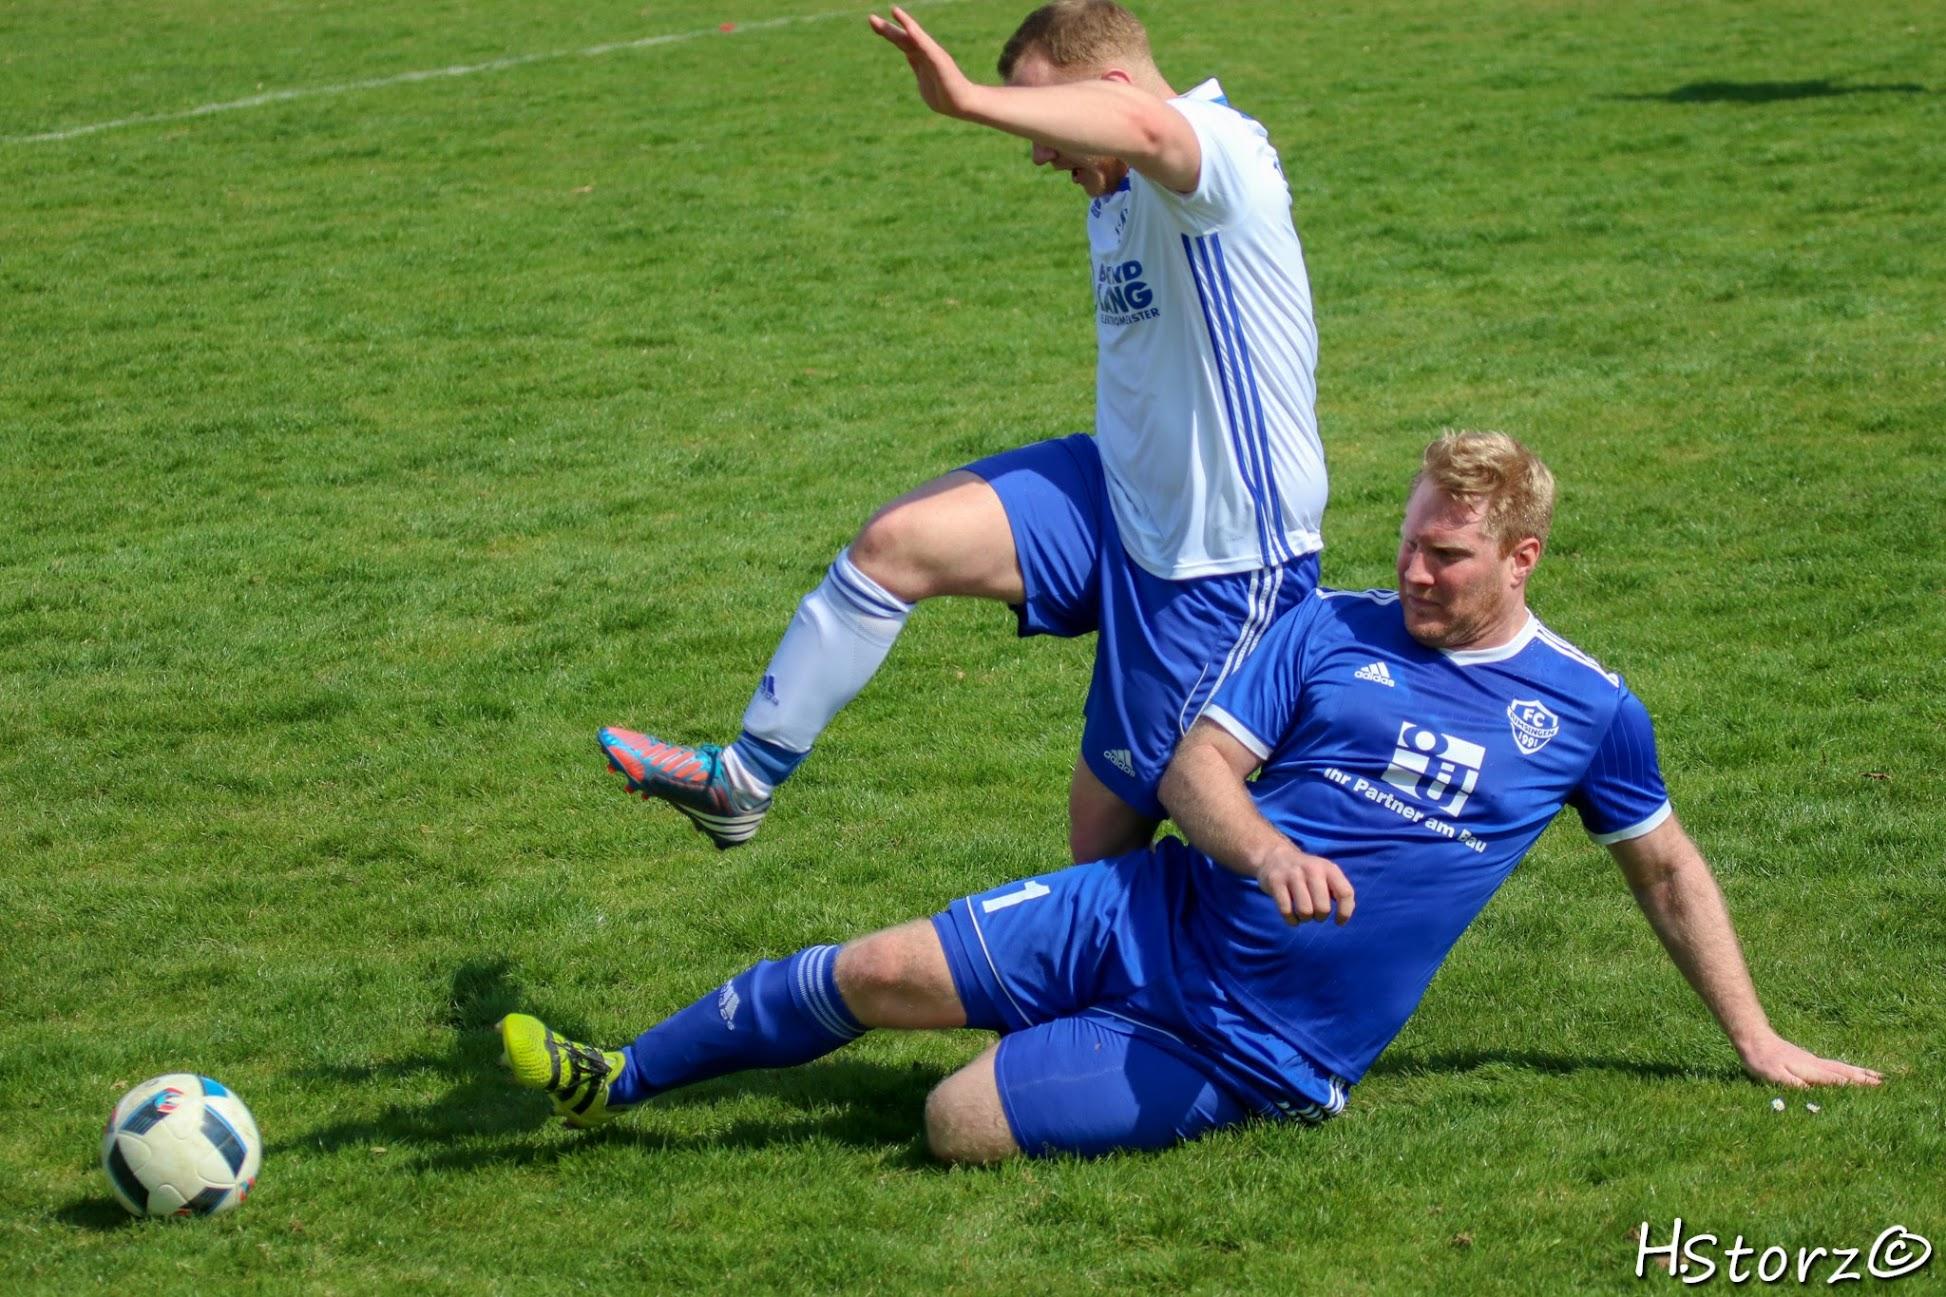 FC Rimsingen – TVK II   6:1 (1:1)